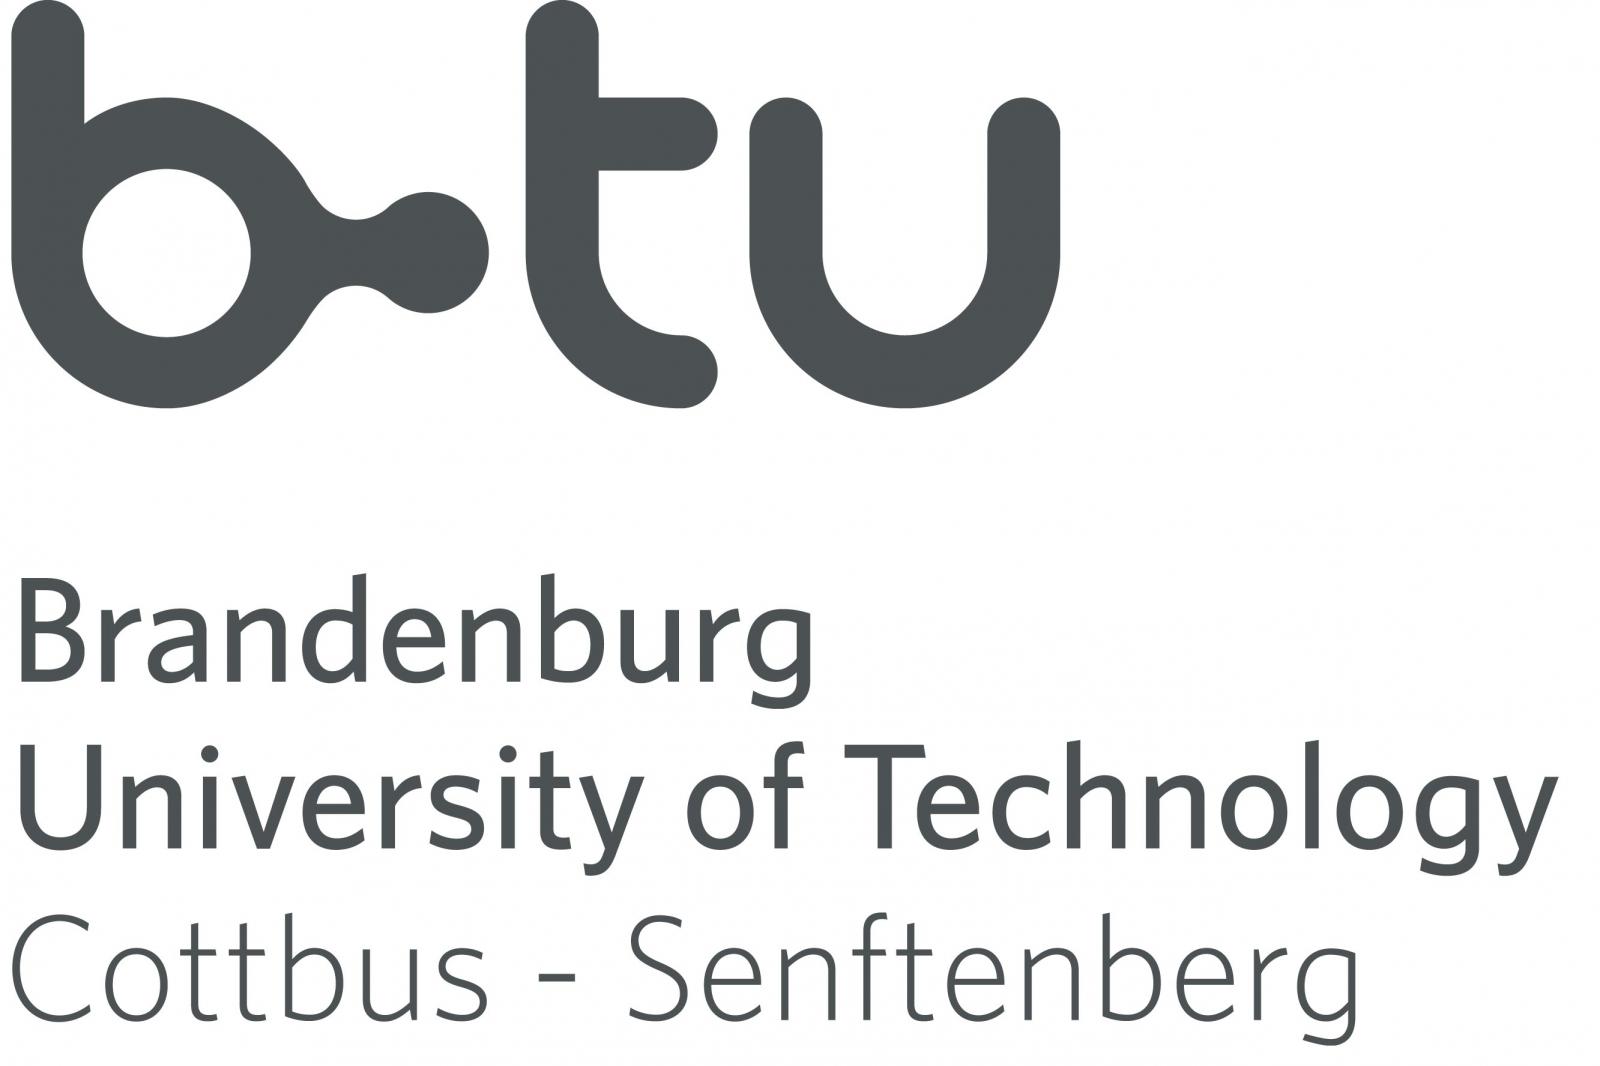 Между СПБПУ и Бранденбургским техническим университетом было подписано соглашение об обмене студентами и преподавателями в рамках программы Erasmus+